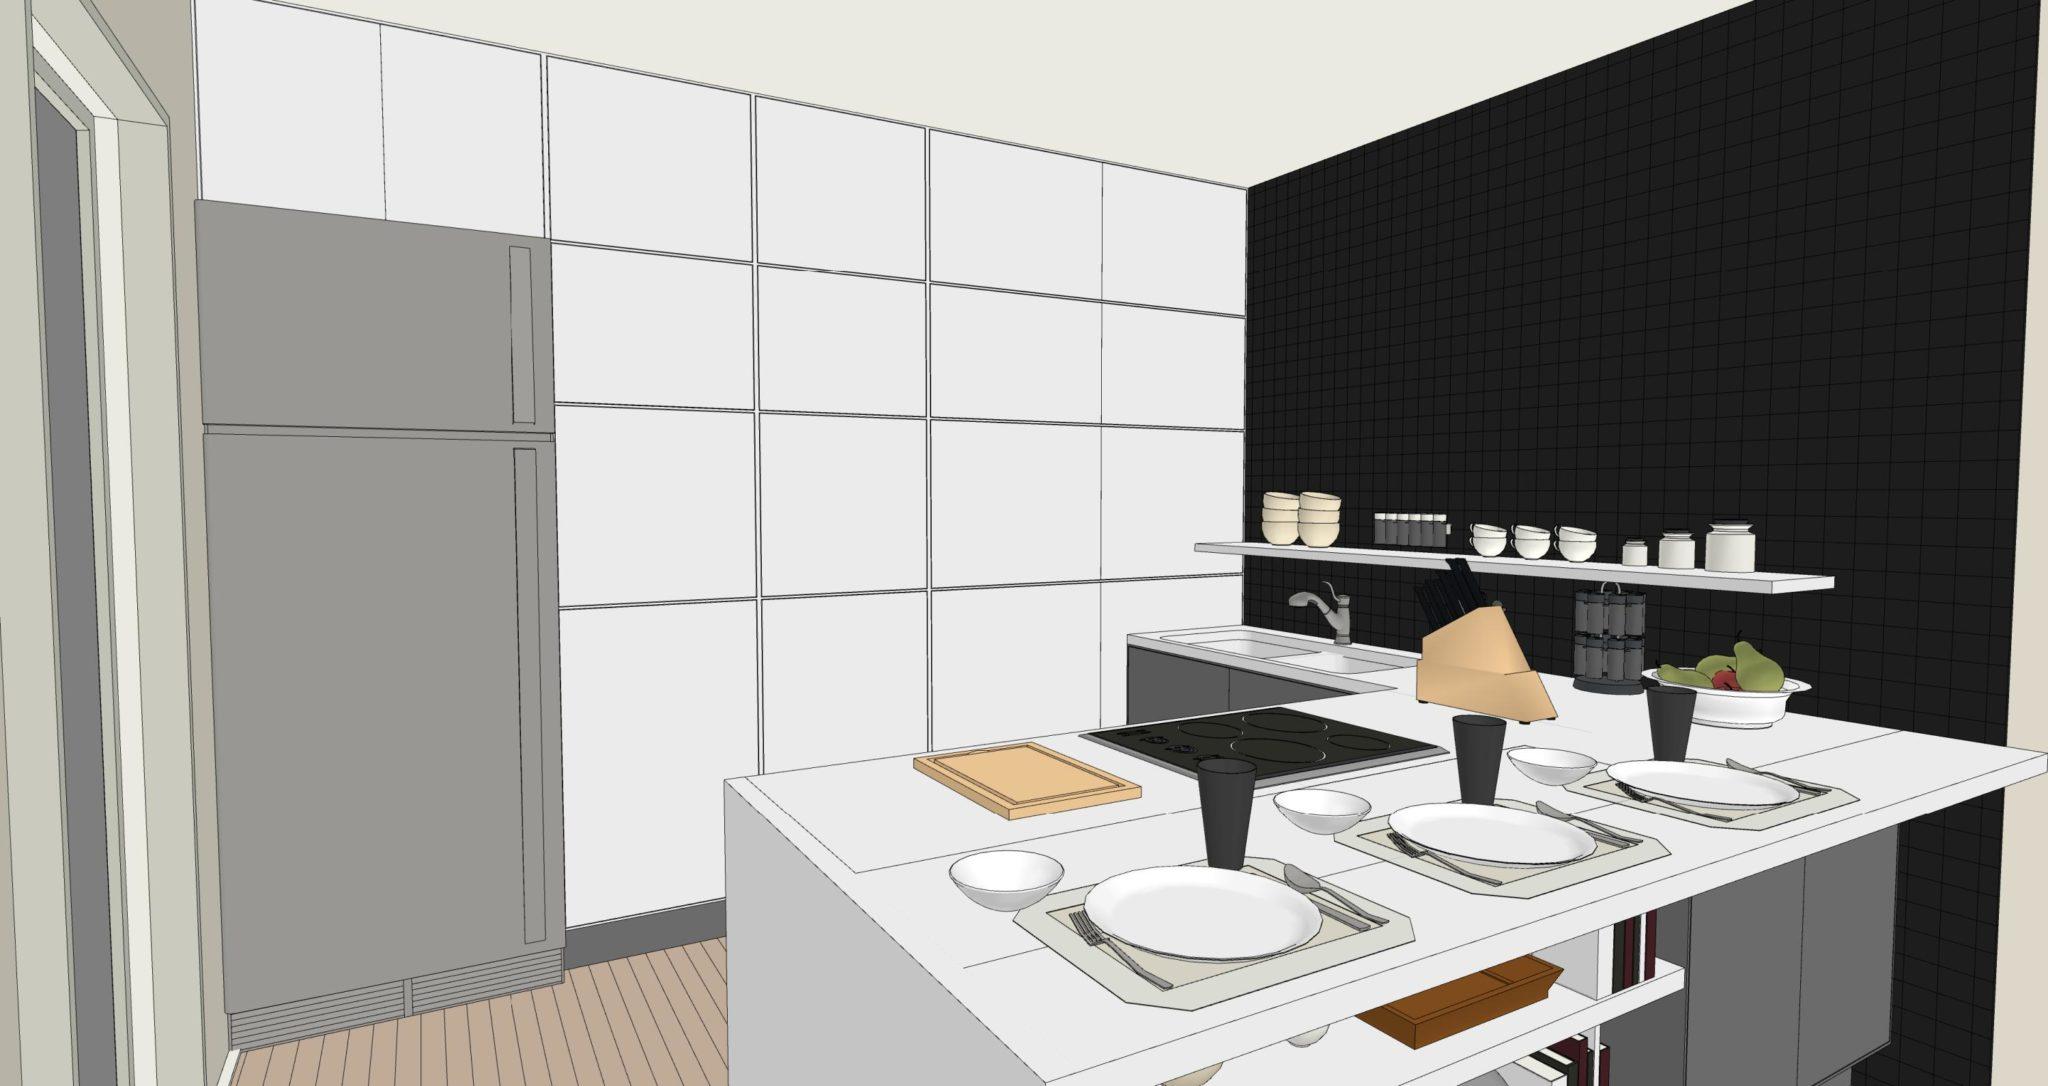 Isola cucina legno creativo for Minelle arredamenti